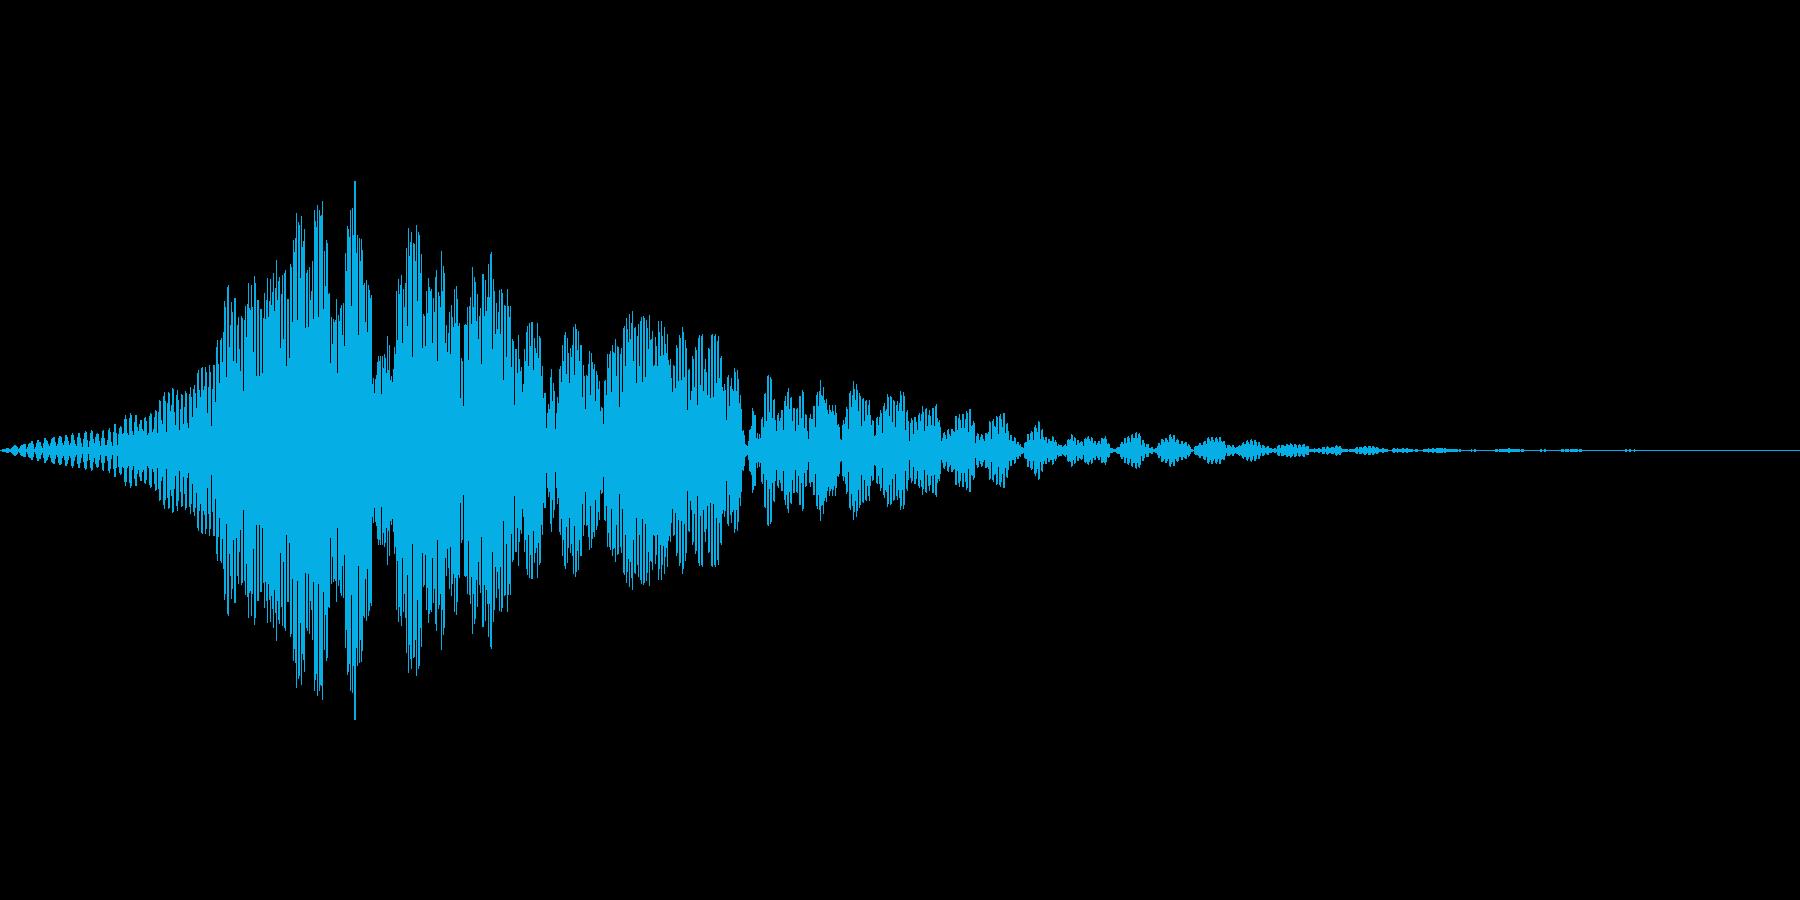 ゲーム上のウィンドウ等でキャンセル時の音の再生済みの波形